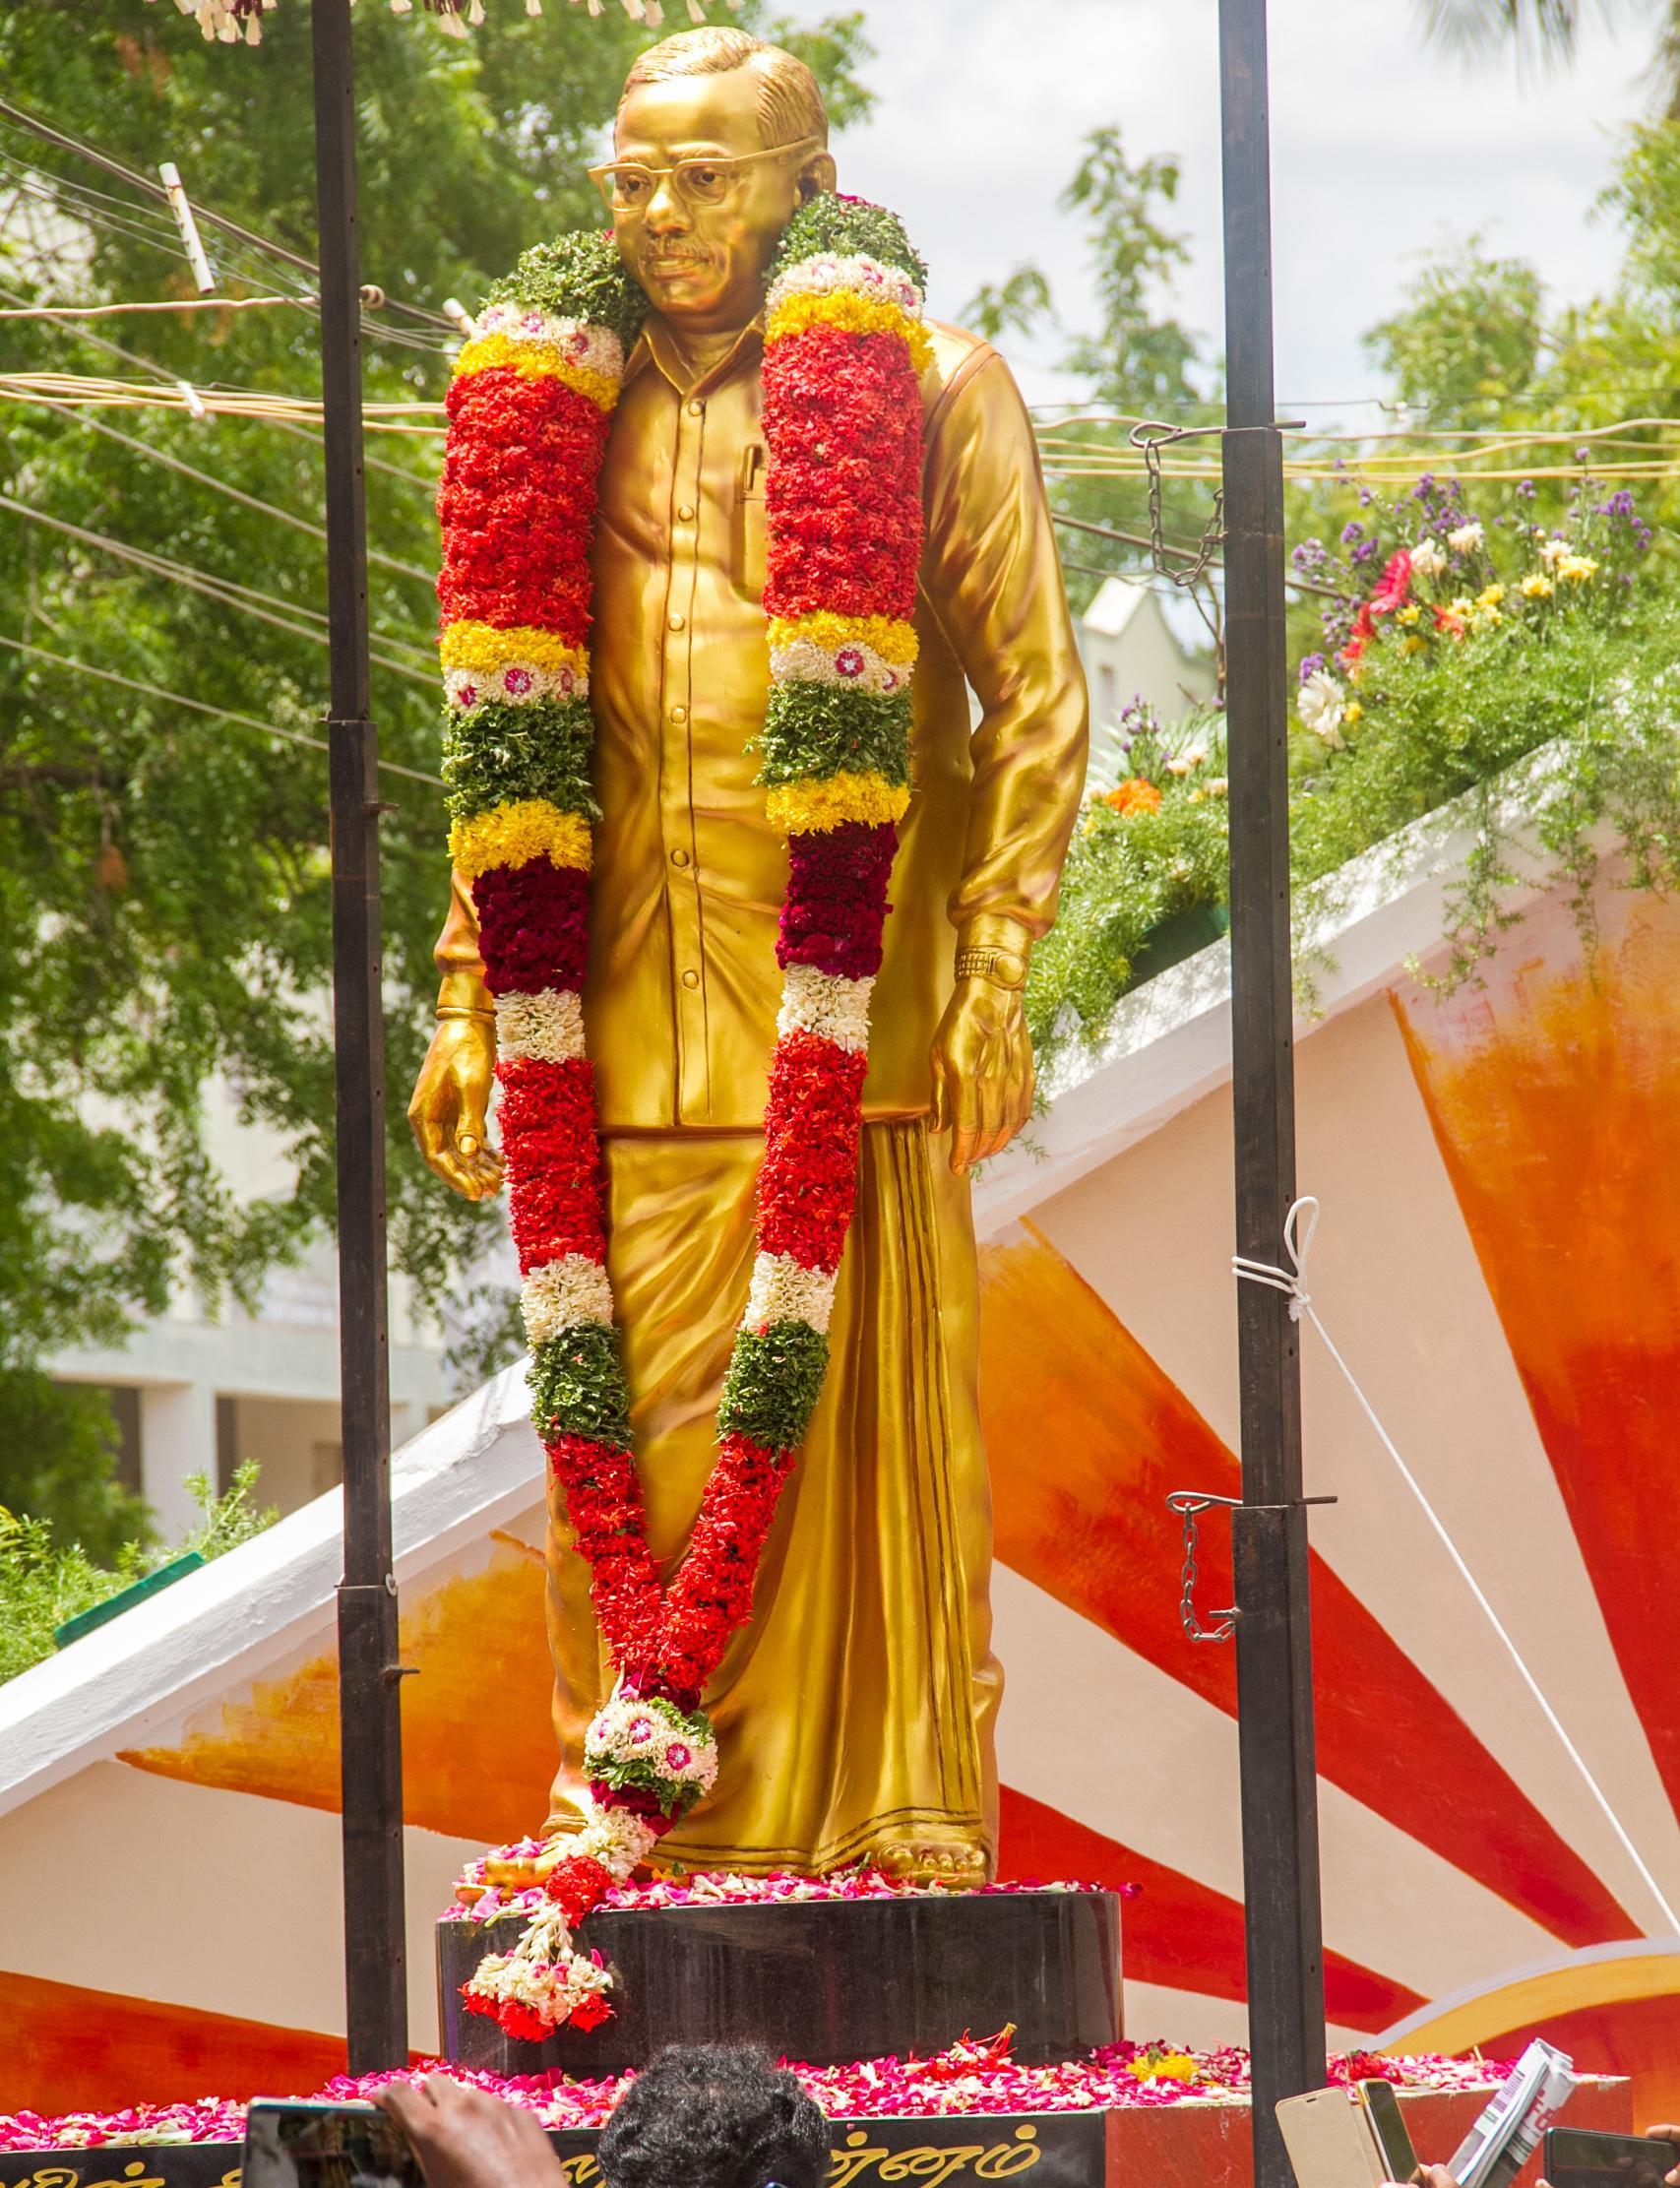 முன்னாள் அமைச்சர் அன்பில் தர்மலிங்கம் சிலை திறப்பு விழா